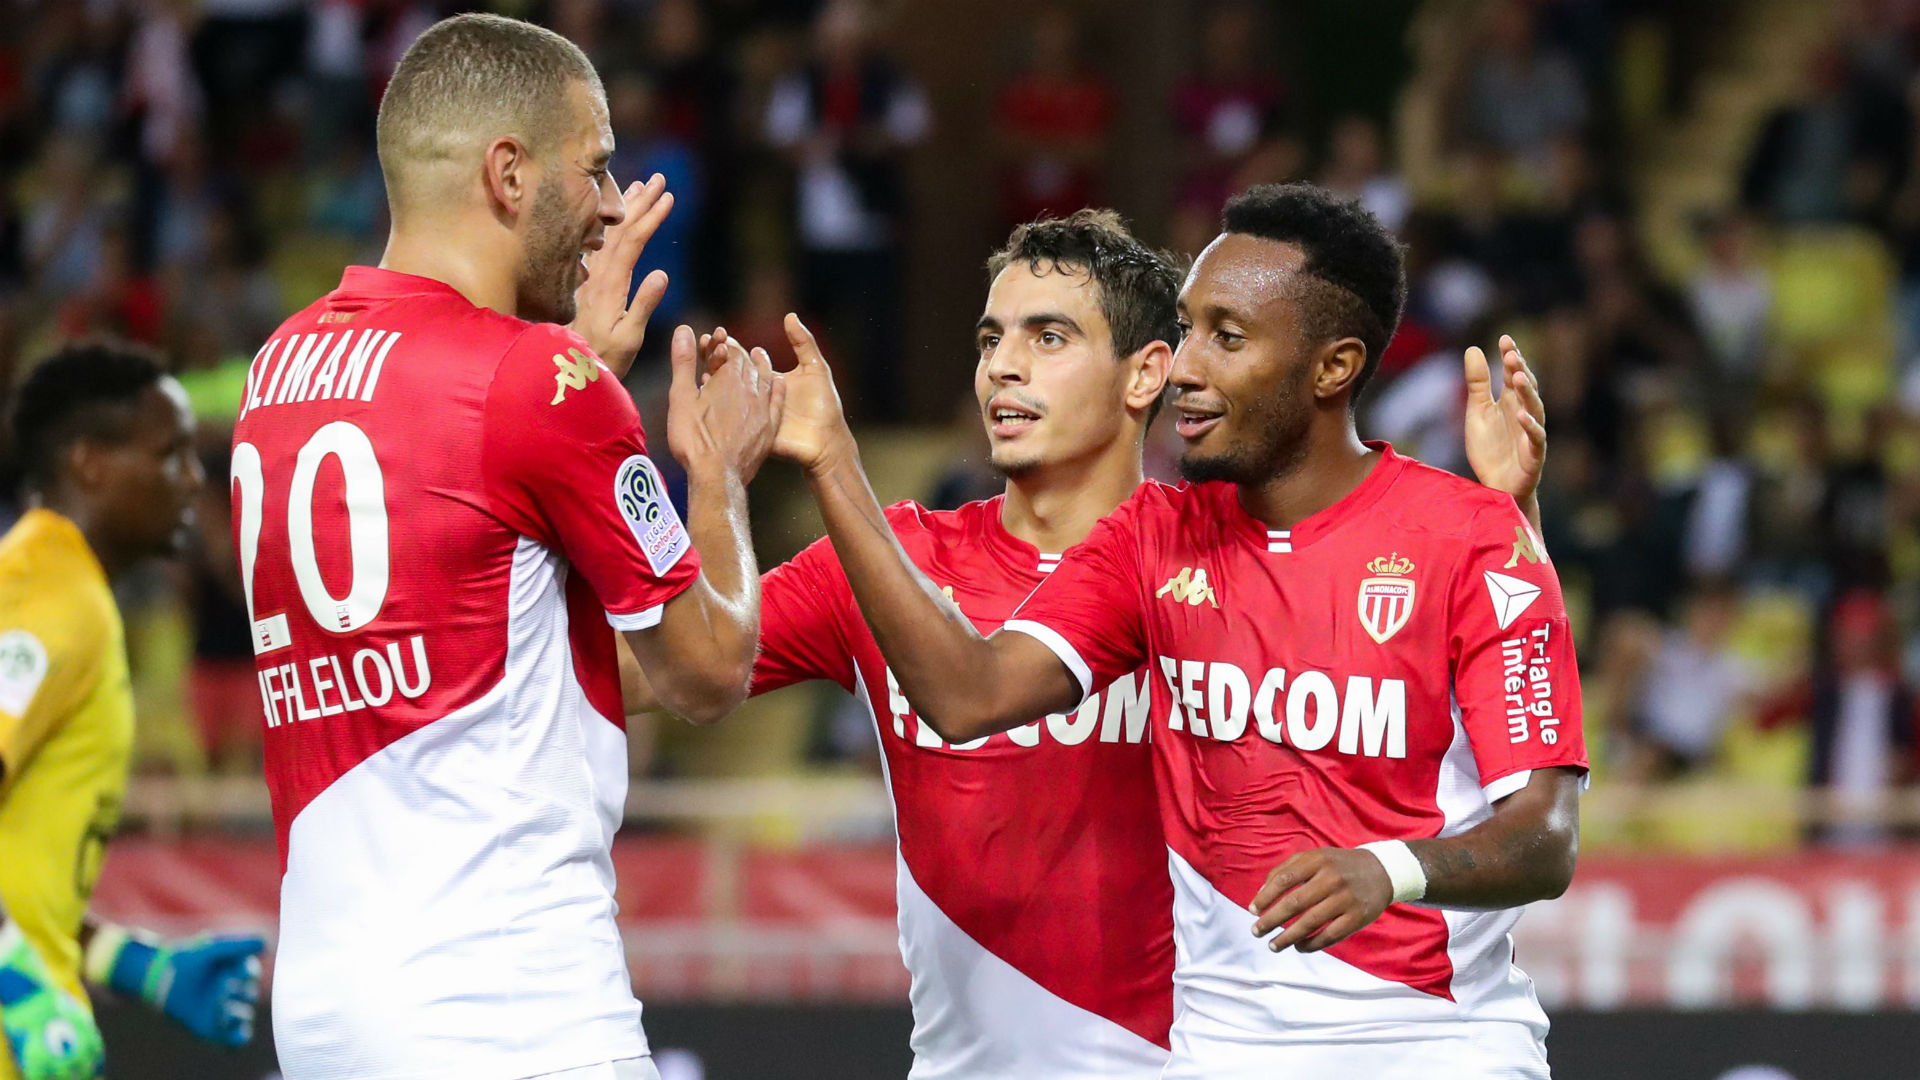 Le but et les 3 passes décisives de Slimani contre Brest